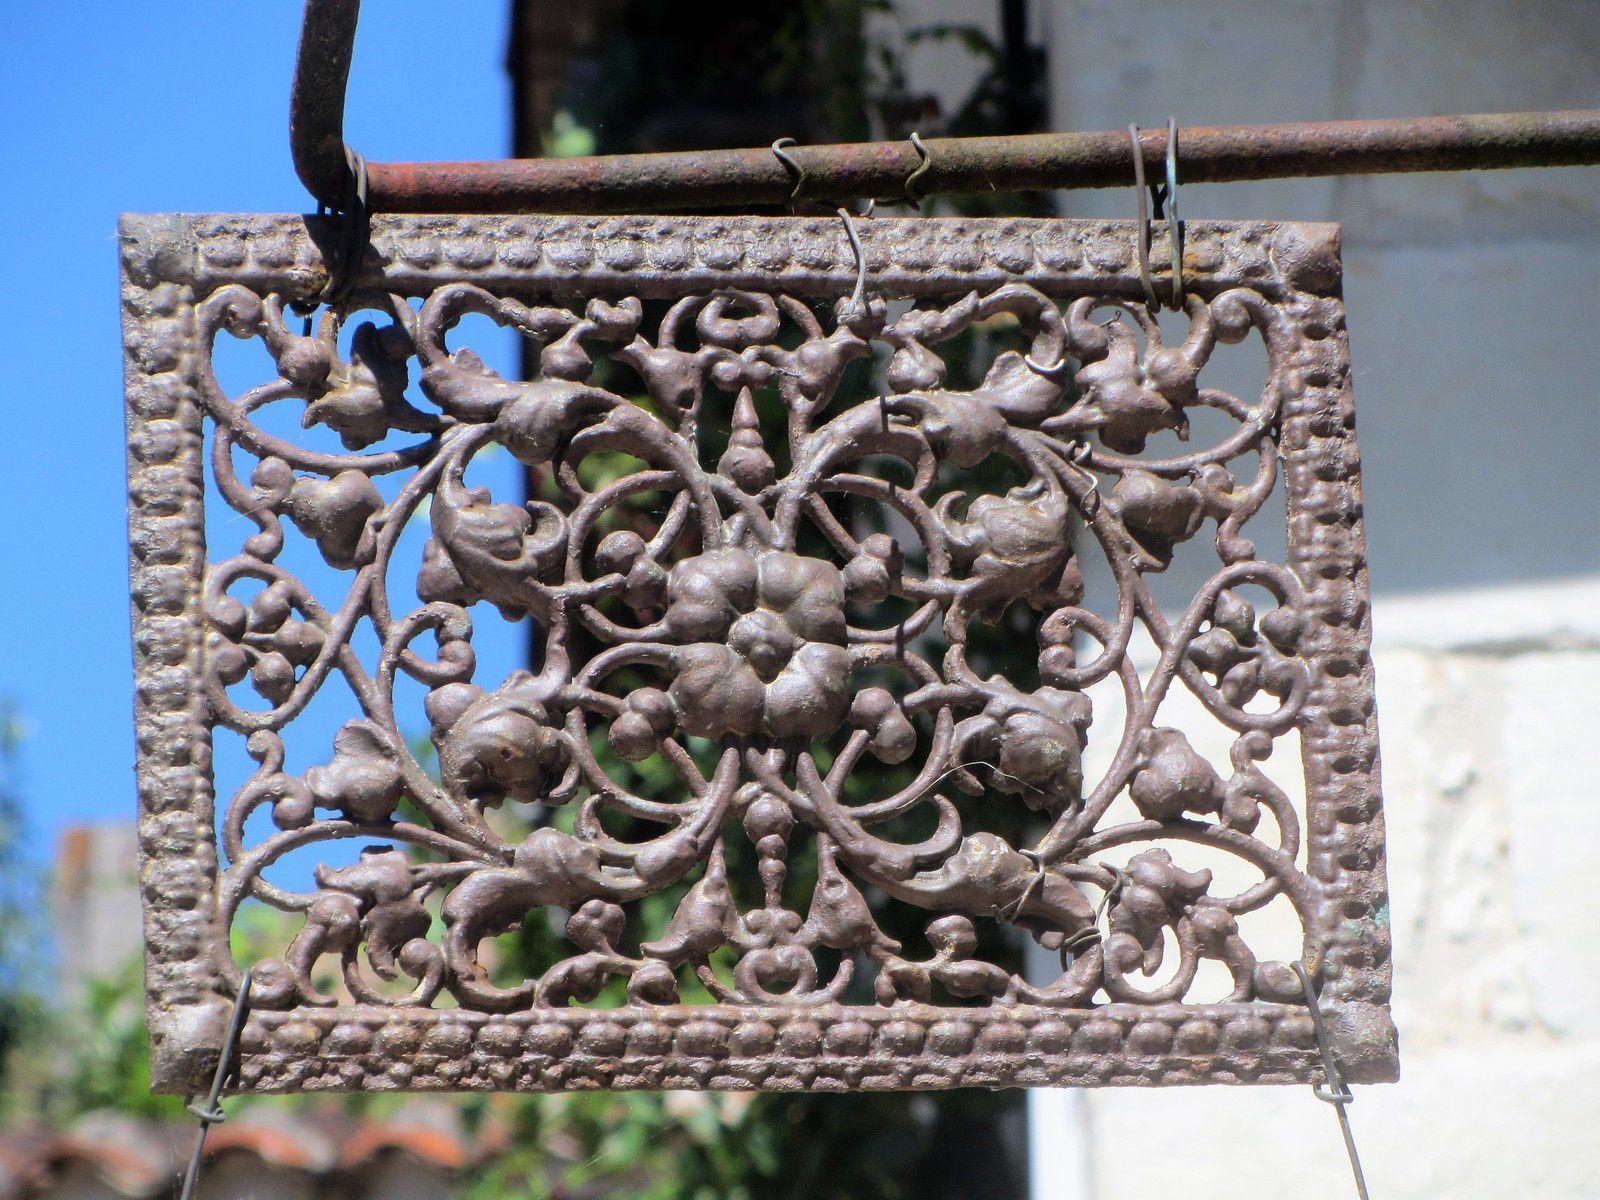 La dentelle de métal qui signale une entrée, par ses arabesques.